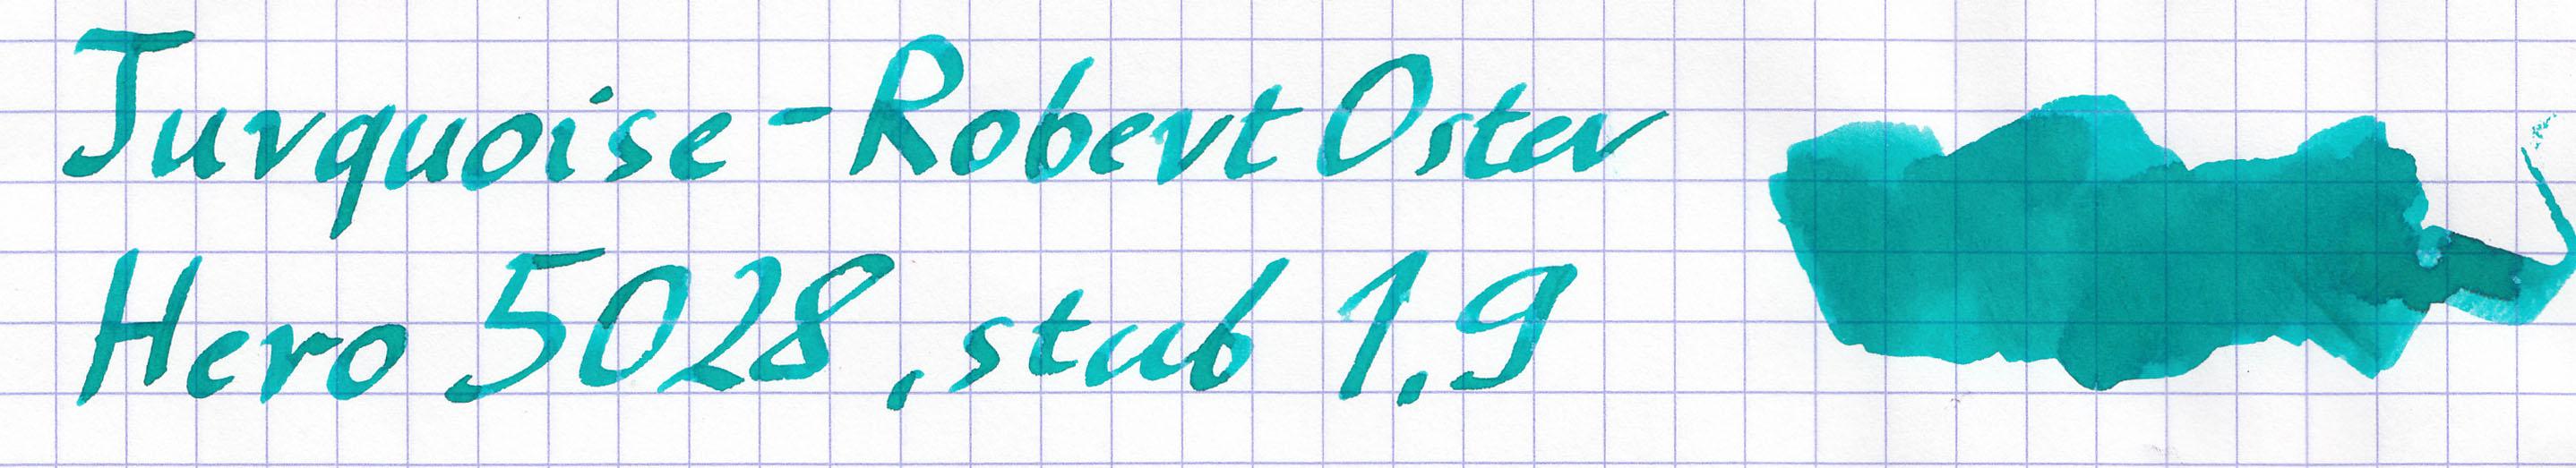 fpn_1466178115__turquoise_oster_ox.jpg